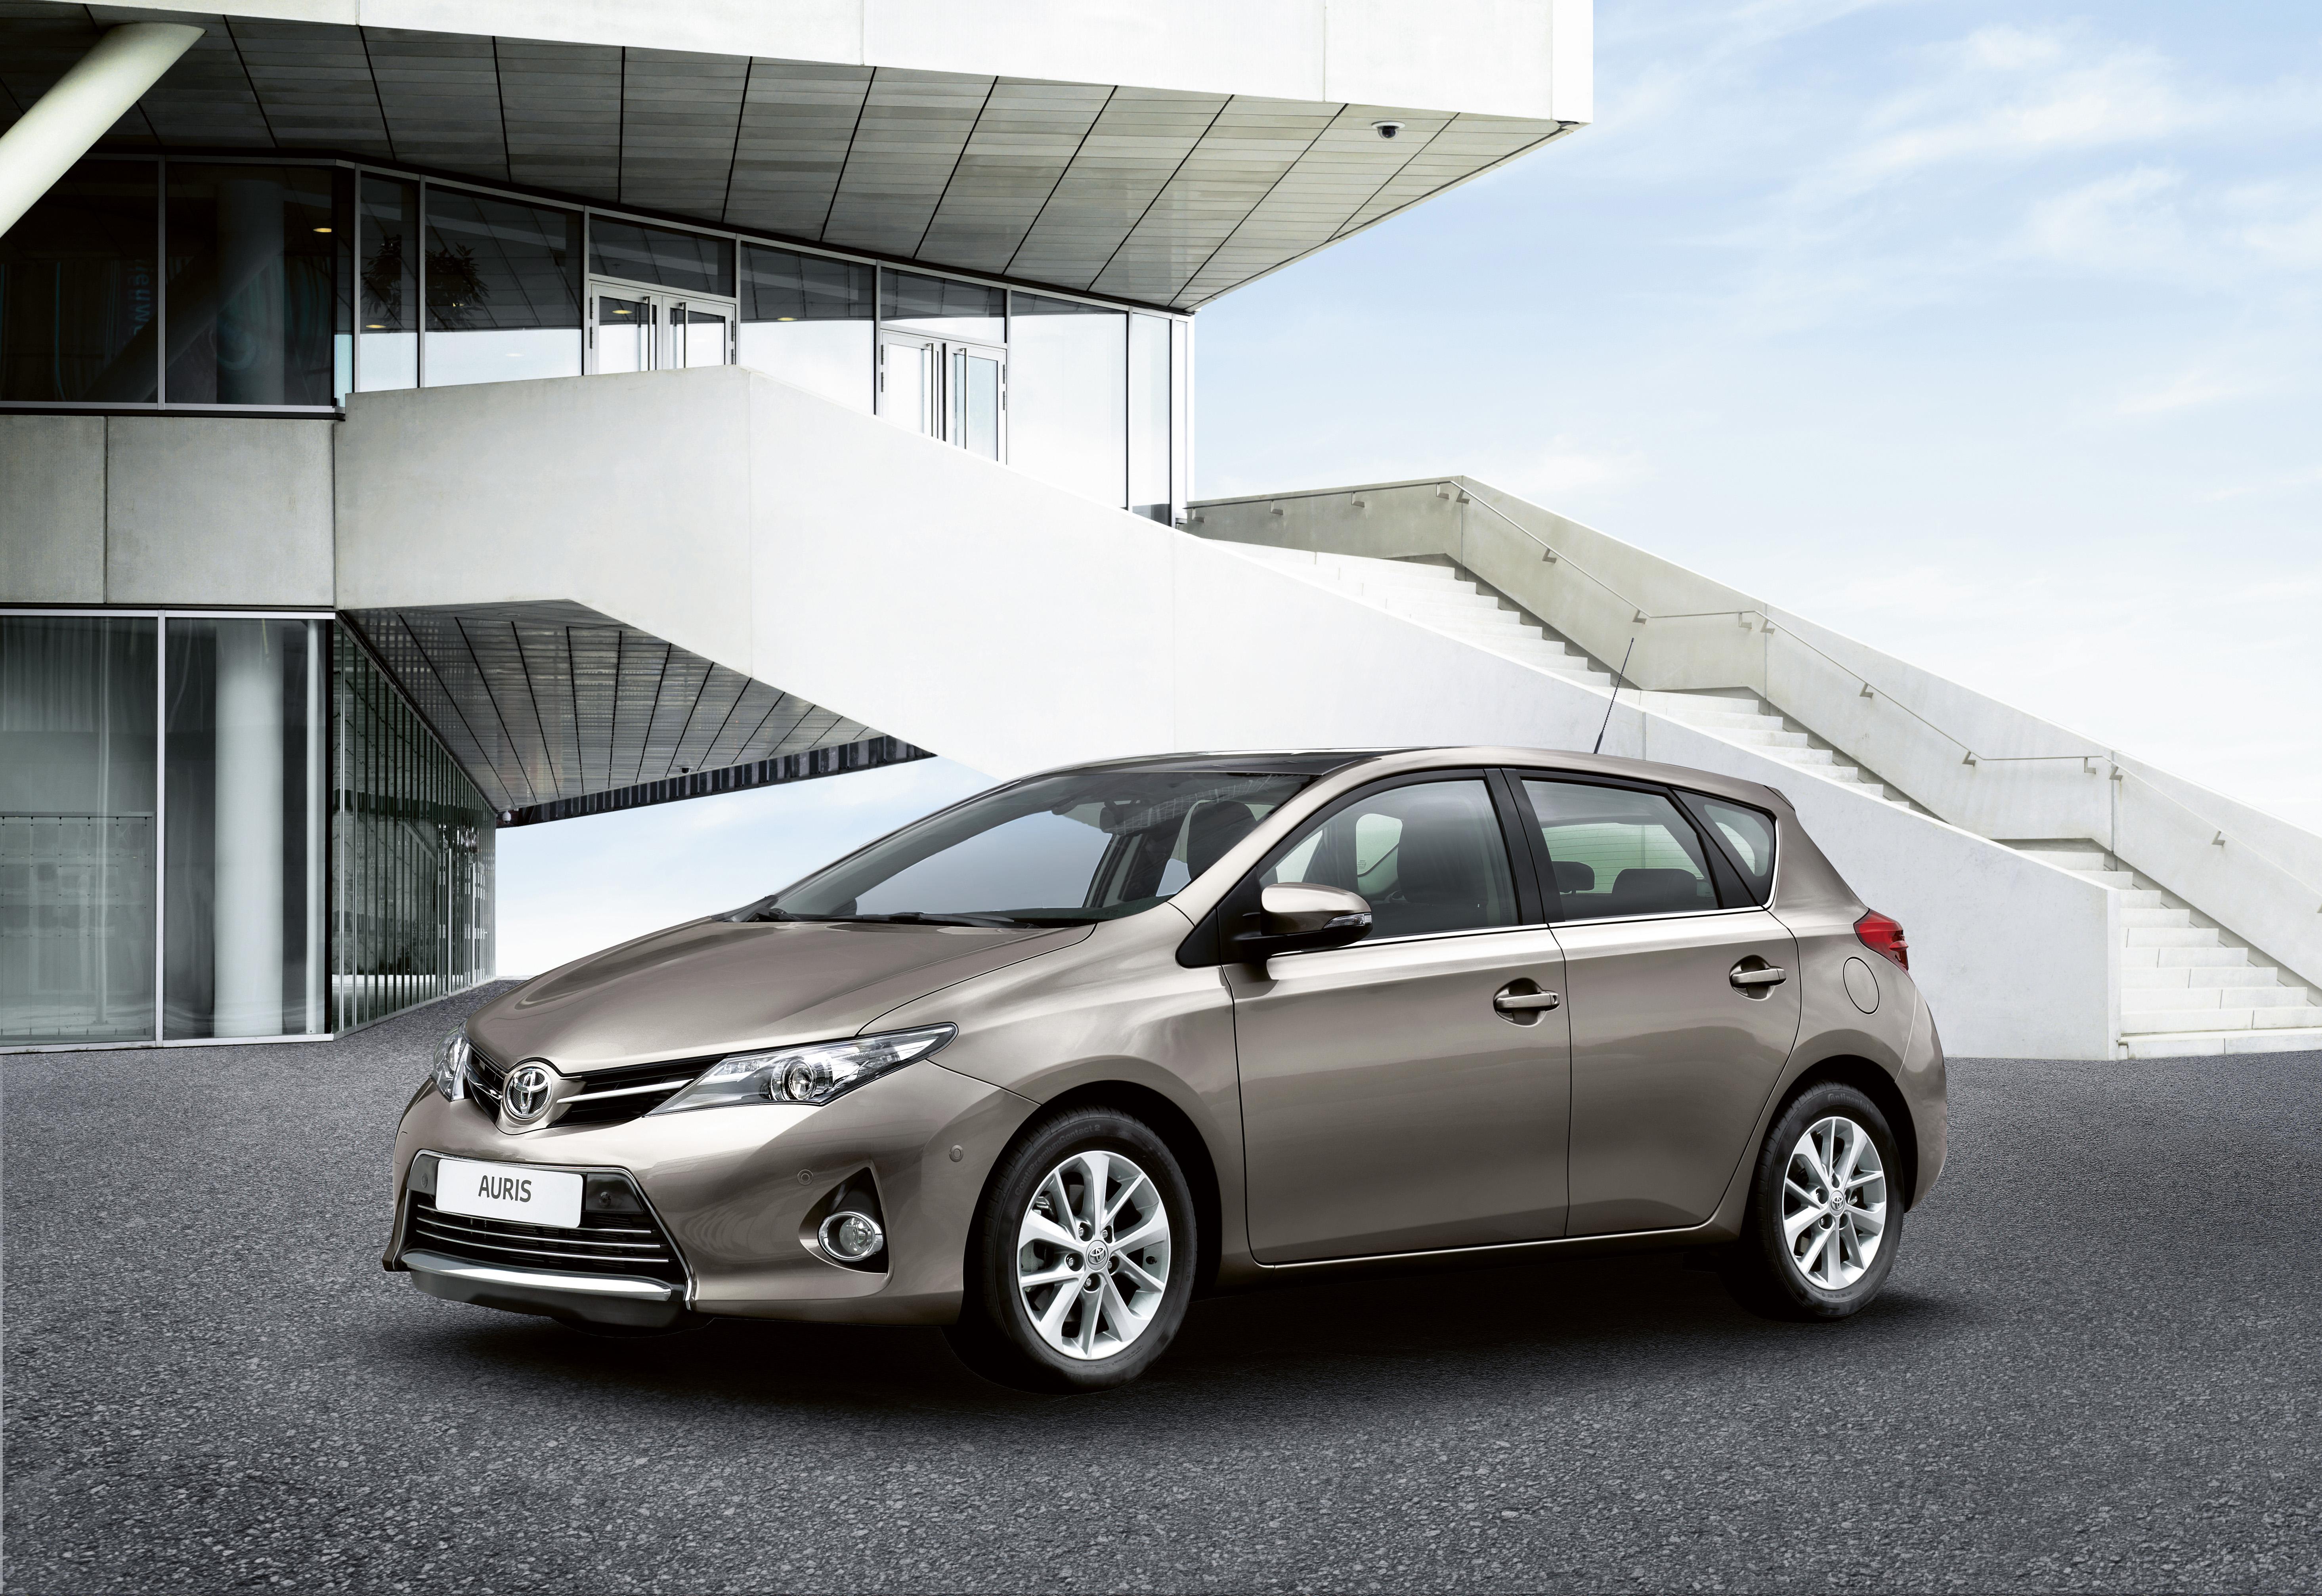 Купить Тойота Аурис цена 2017 Toyota Auris новый кузов ...